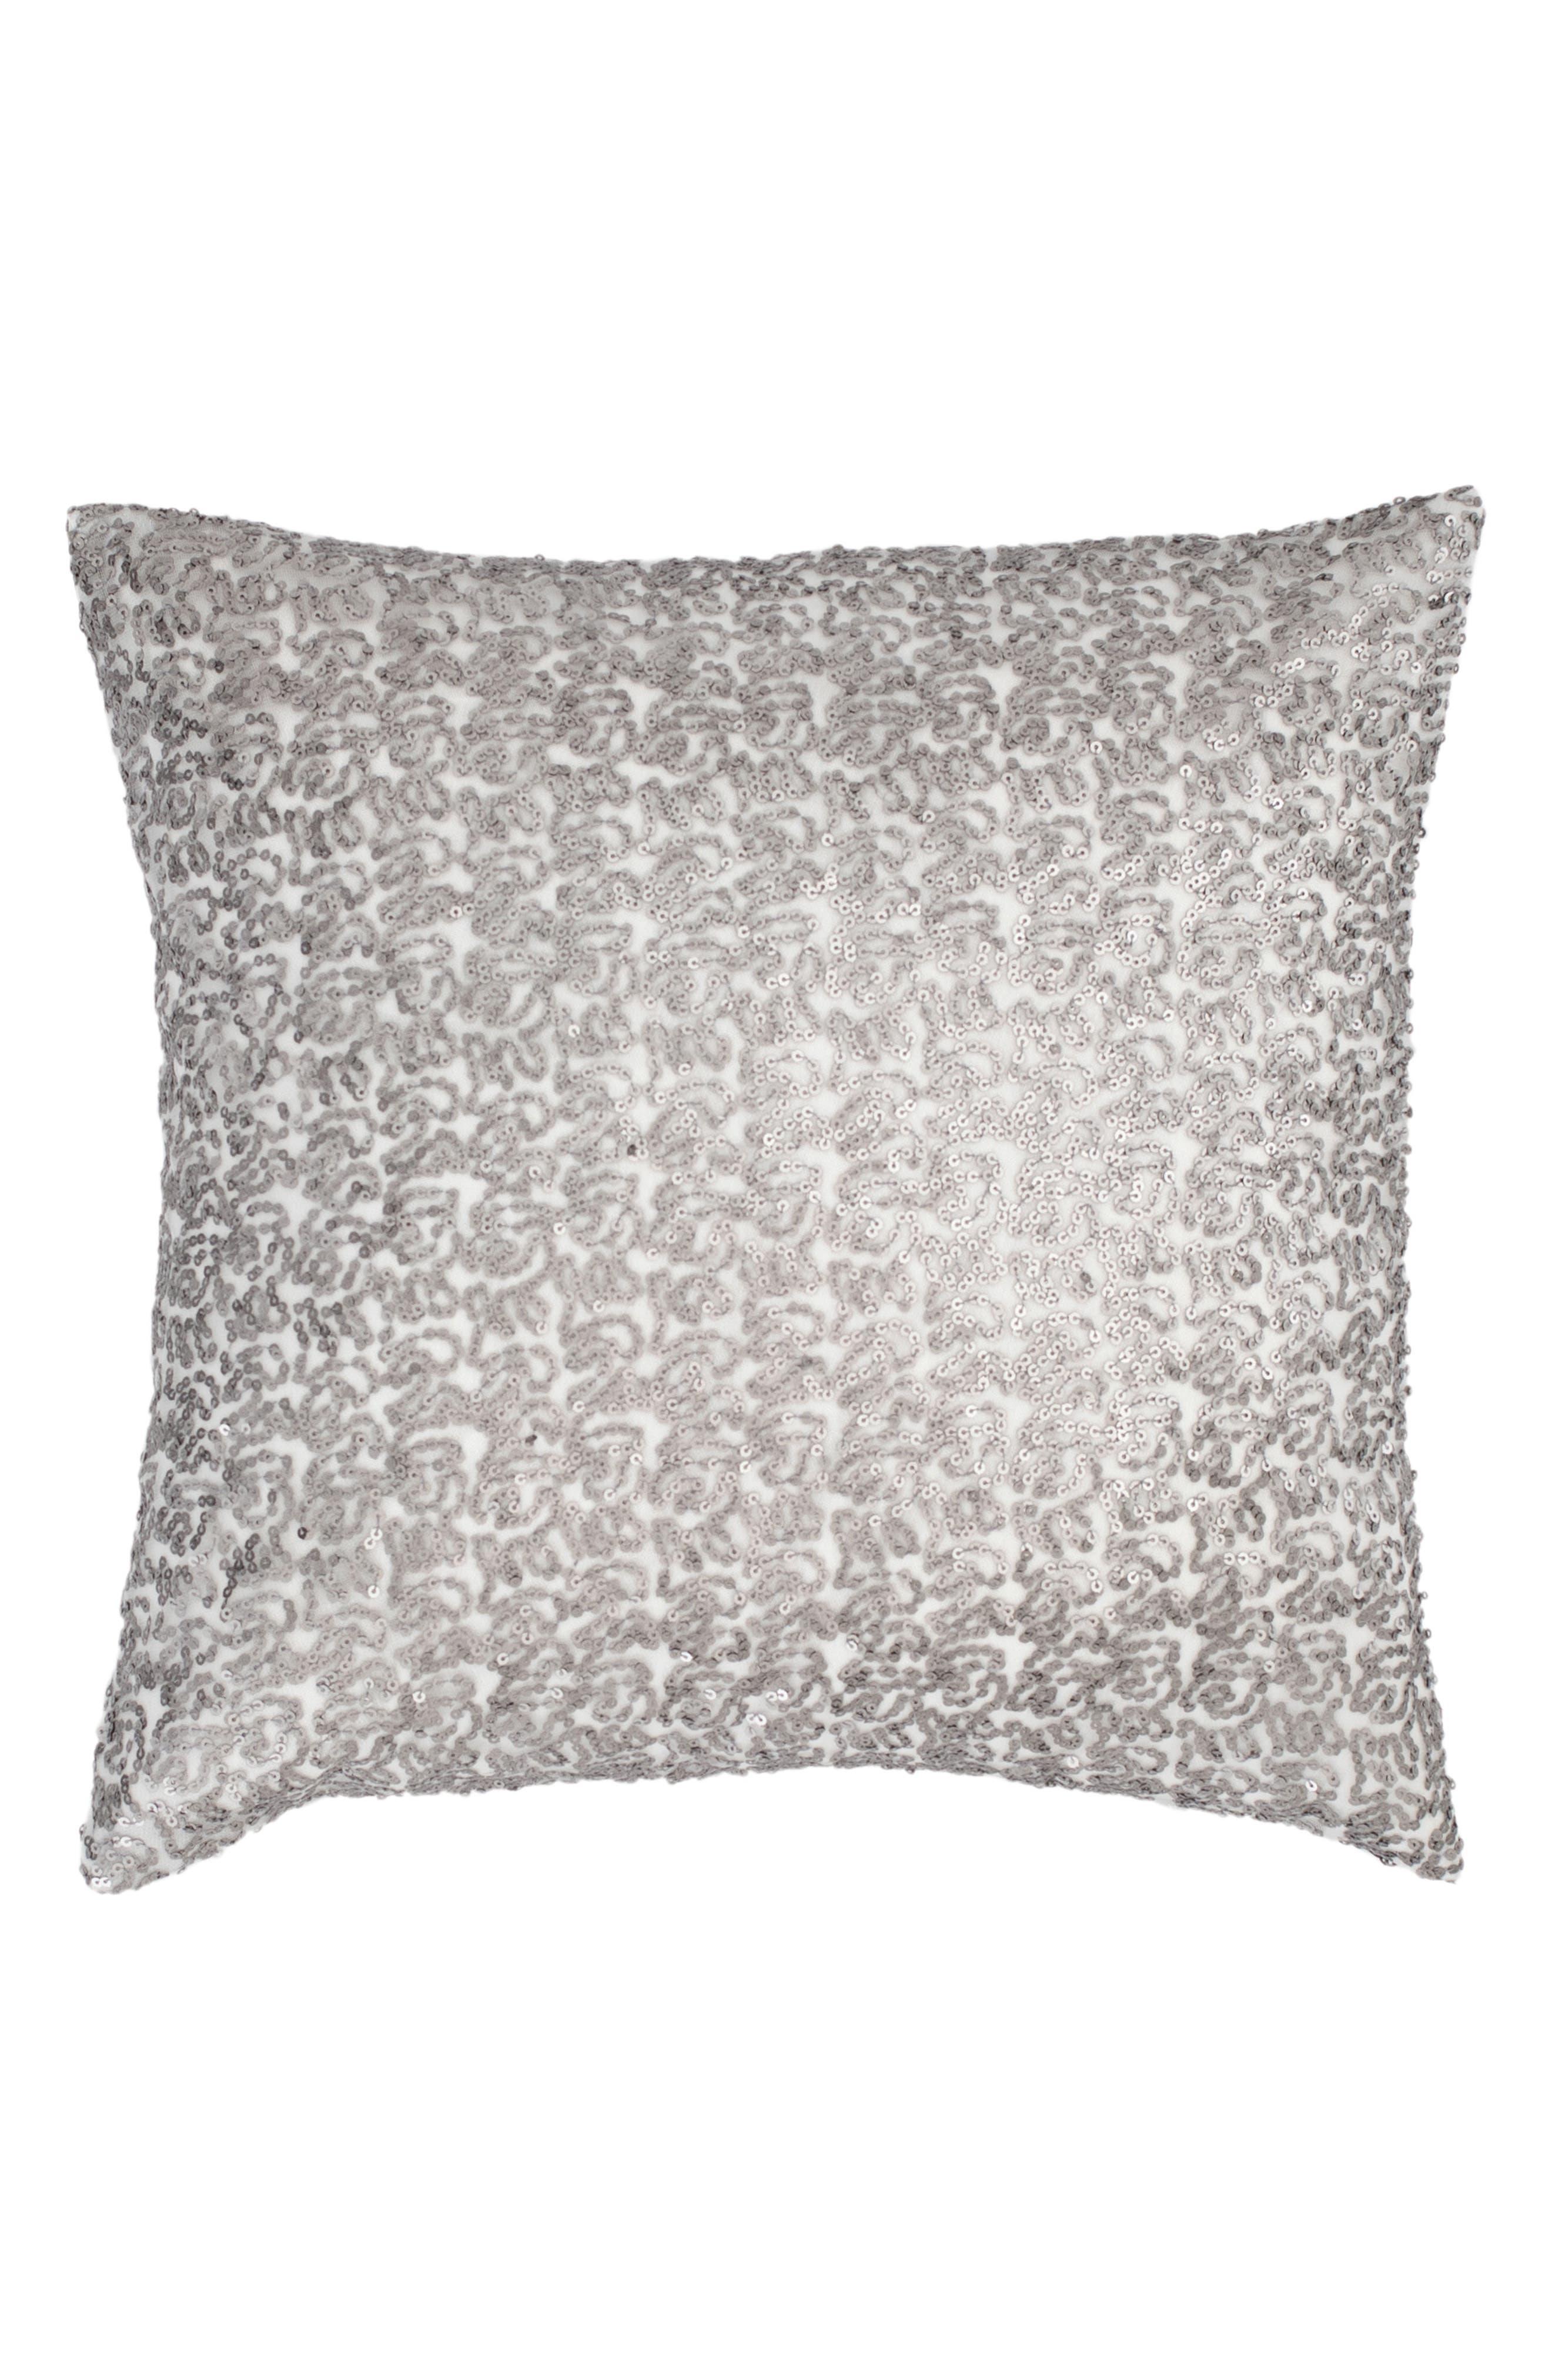 Glaze Sequin Accent Pillow,                             Main thumbnail 1, color,                             040